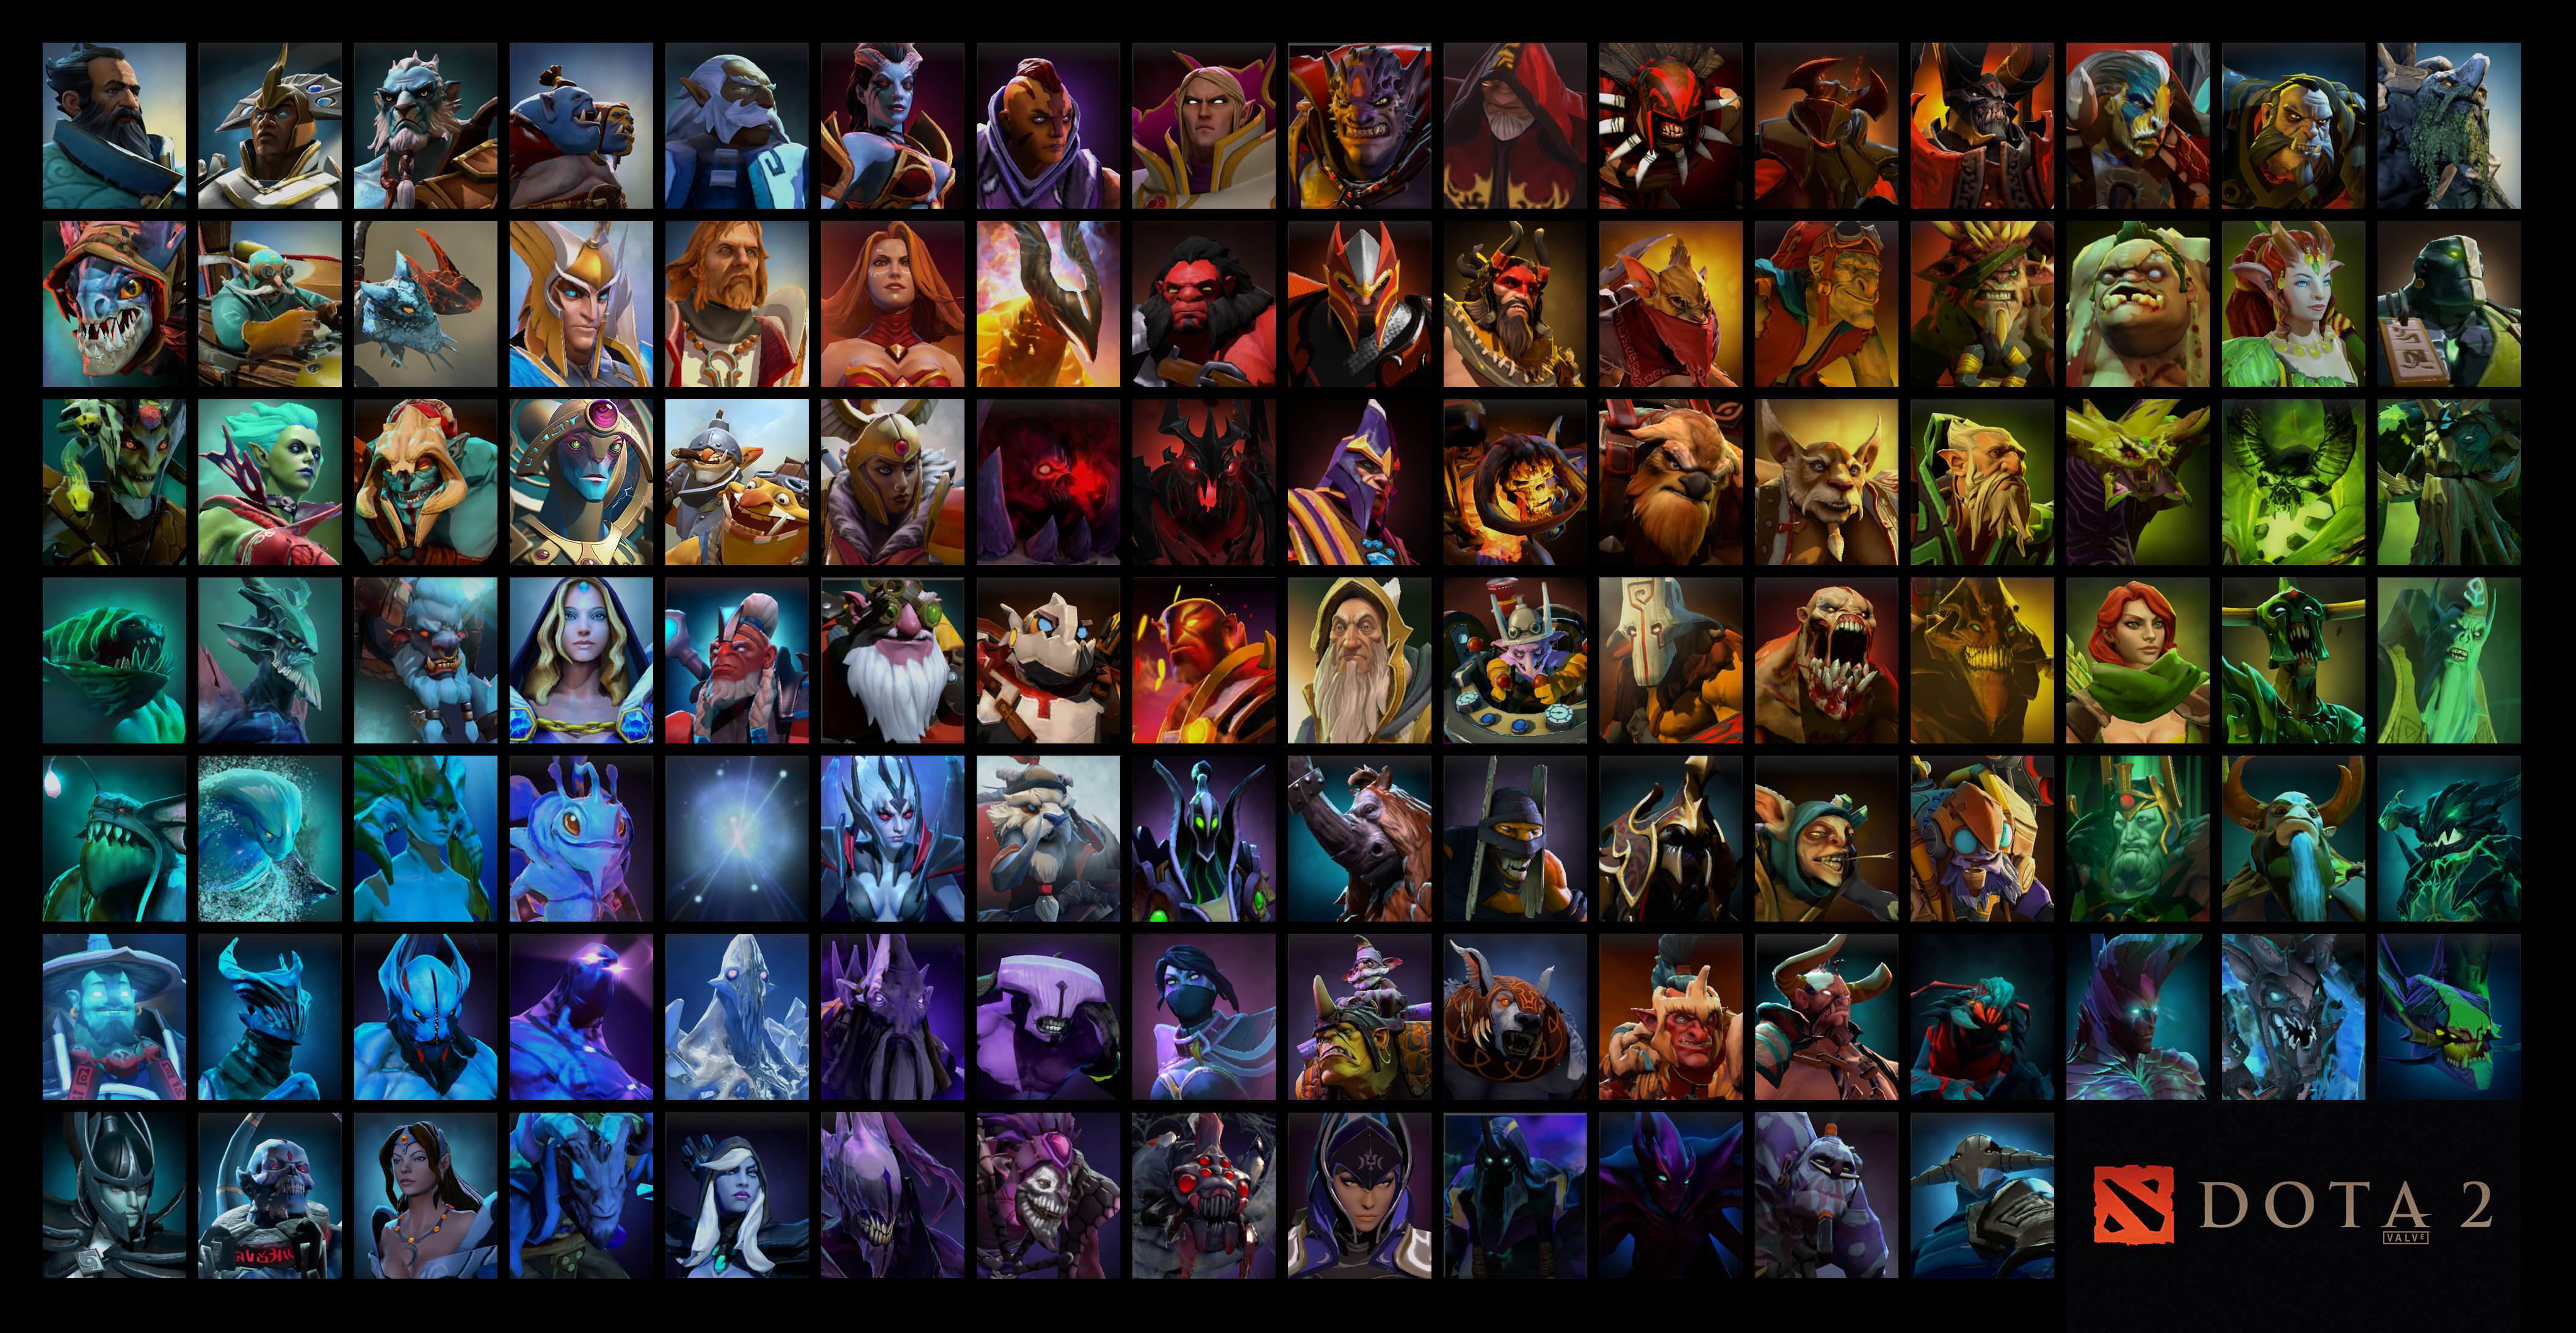 dota 2 все герои, обои, грамотный пик героя в доте